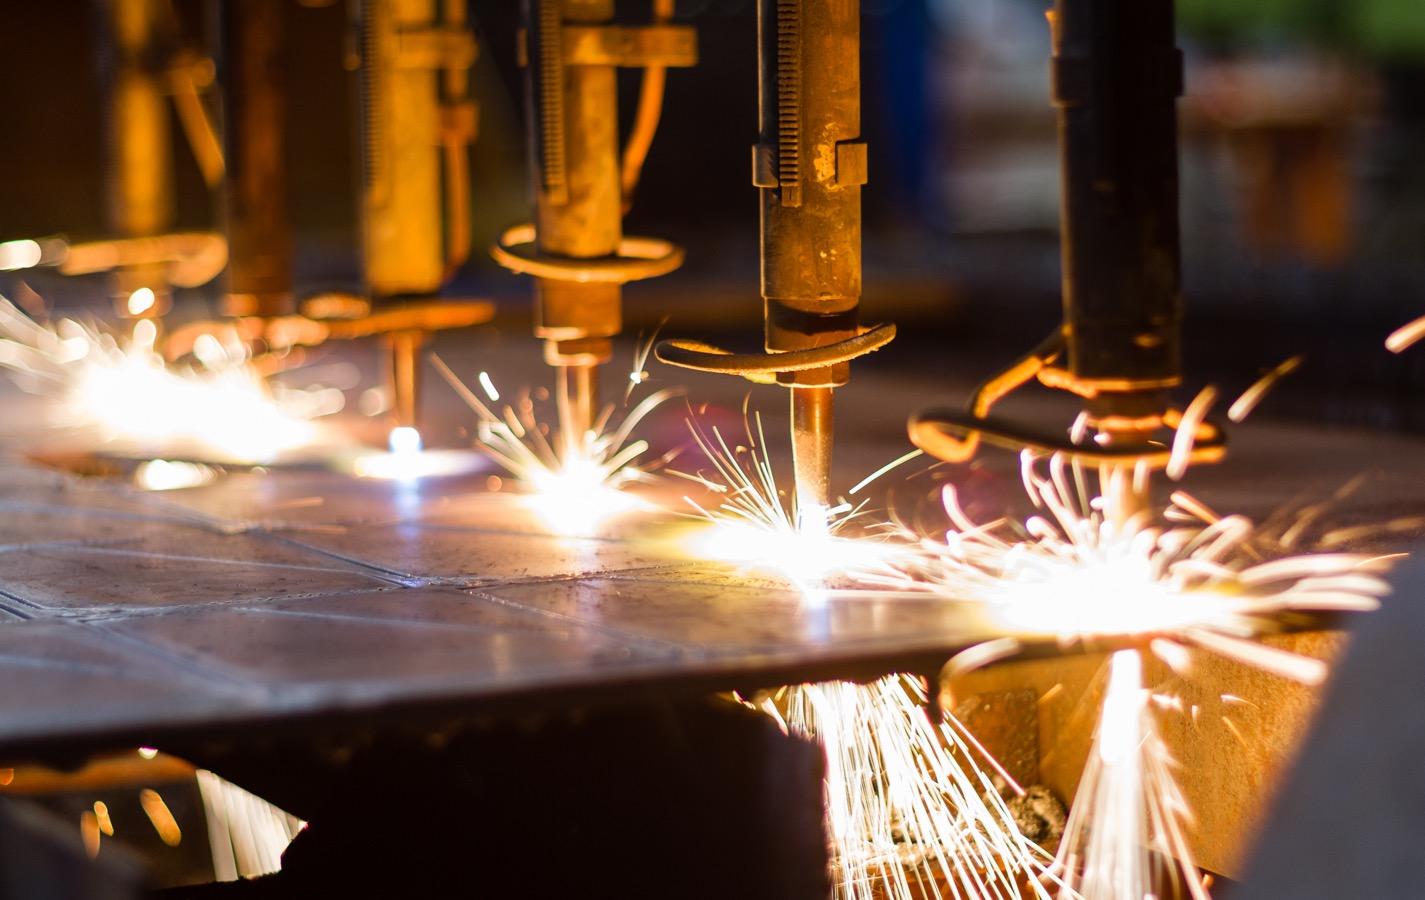 火花が飛び散る金属加工工場